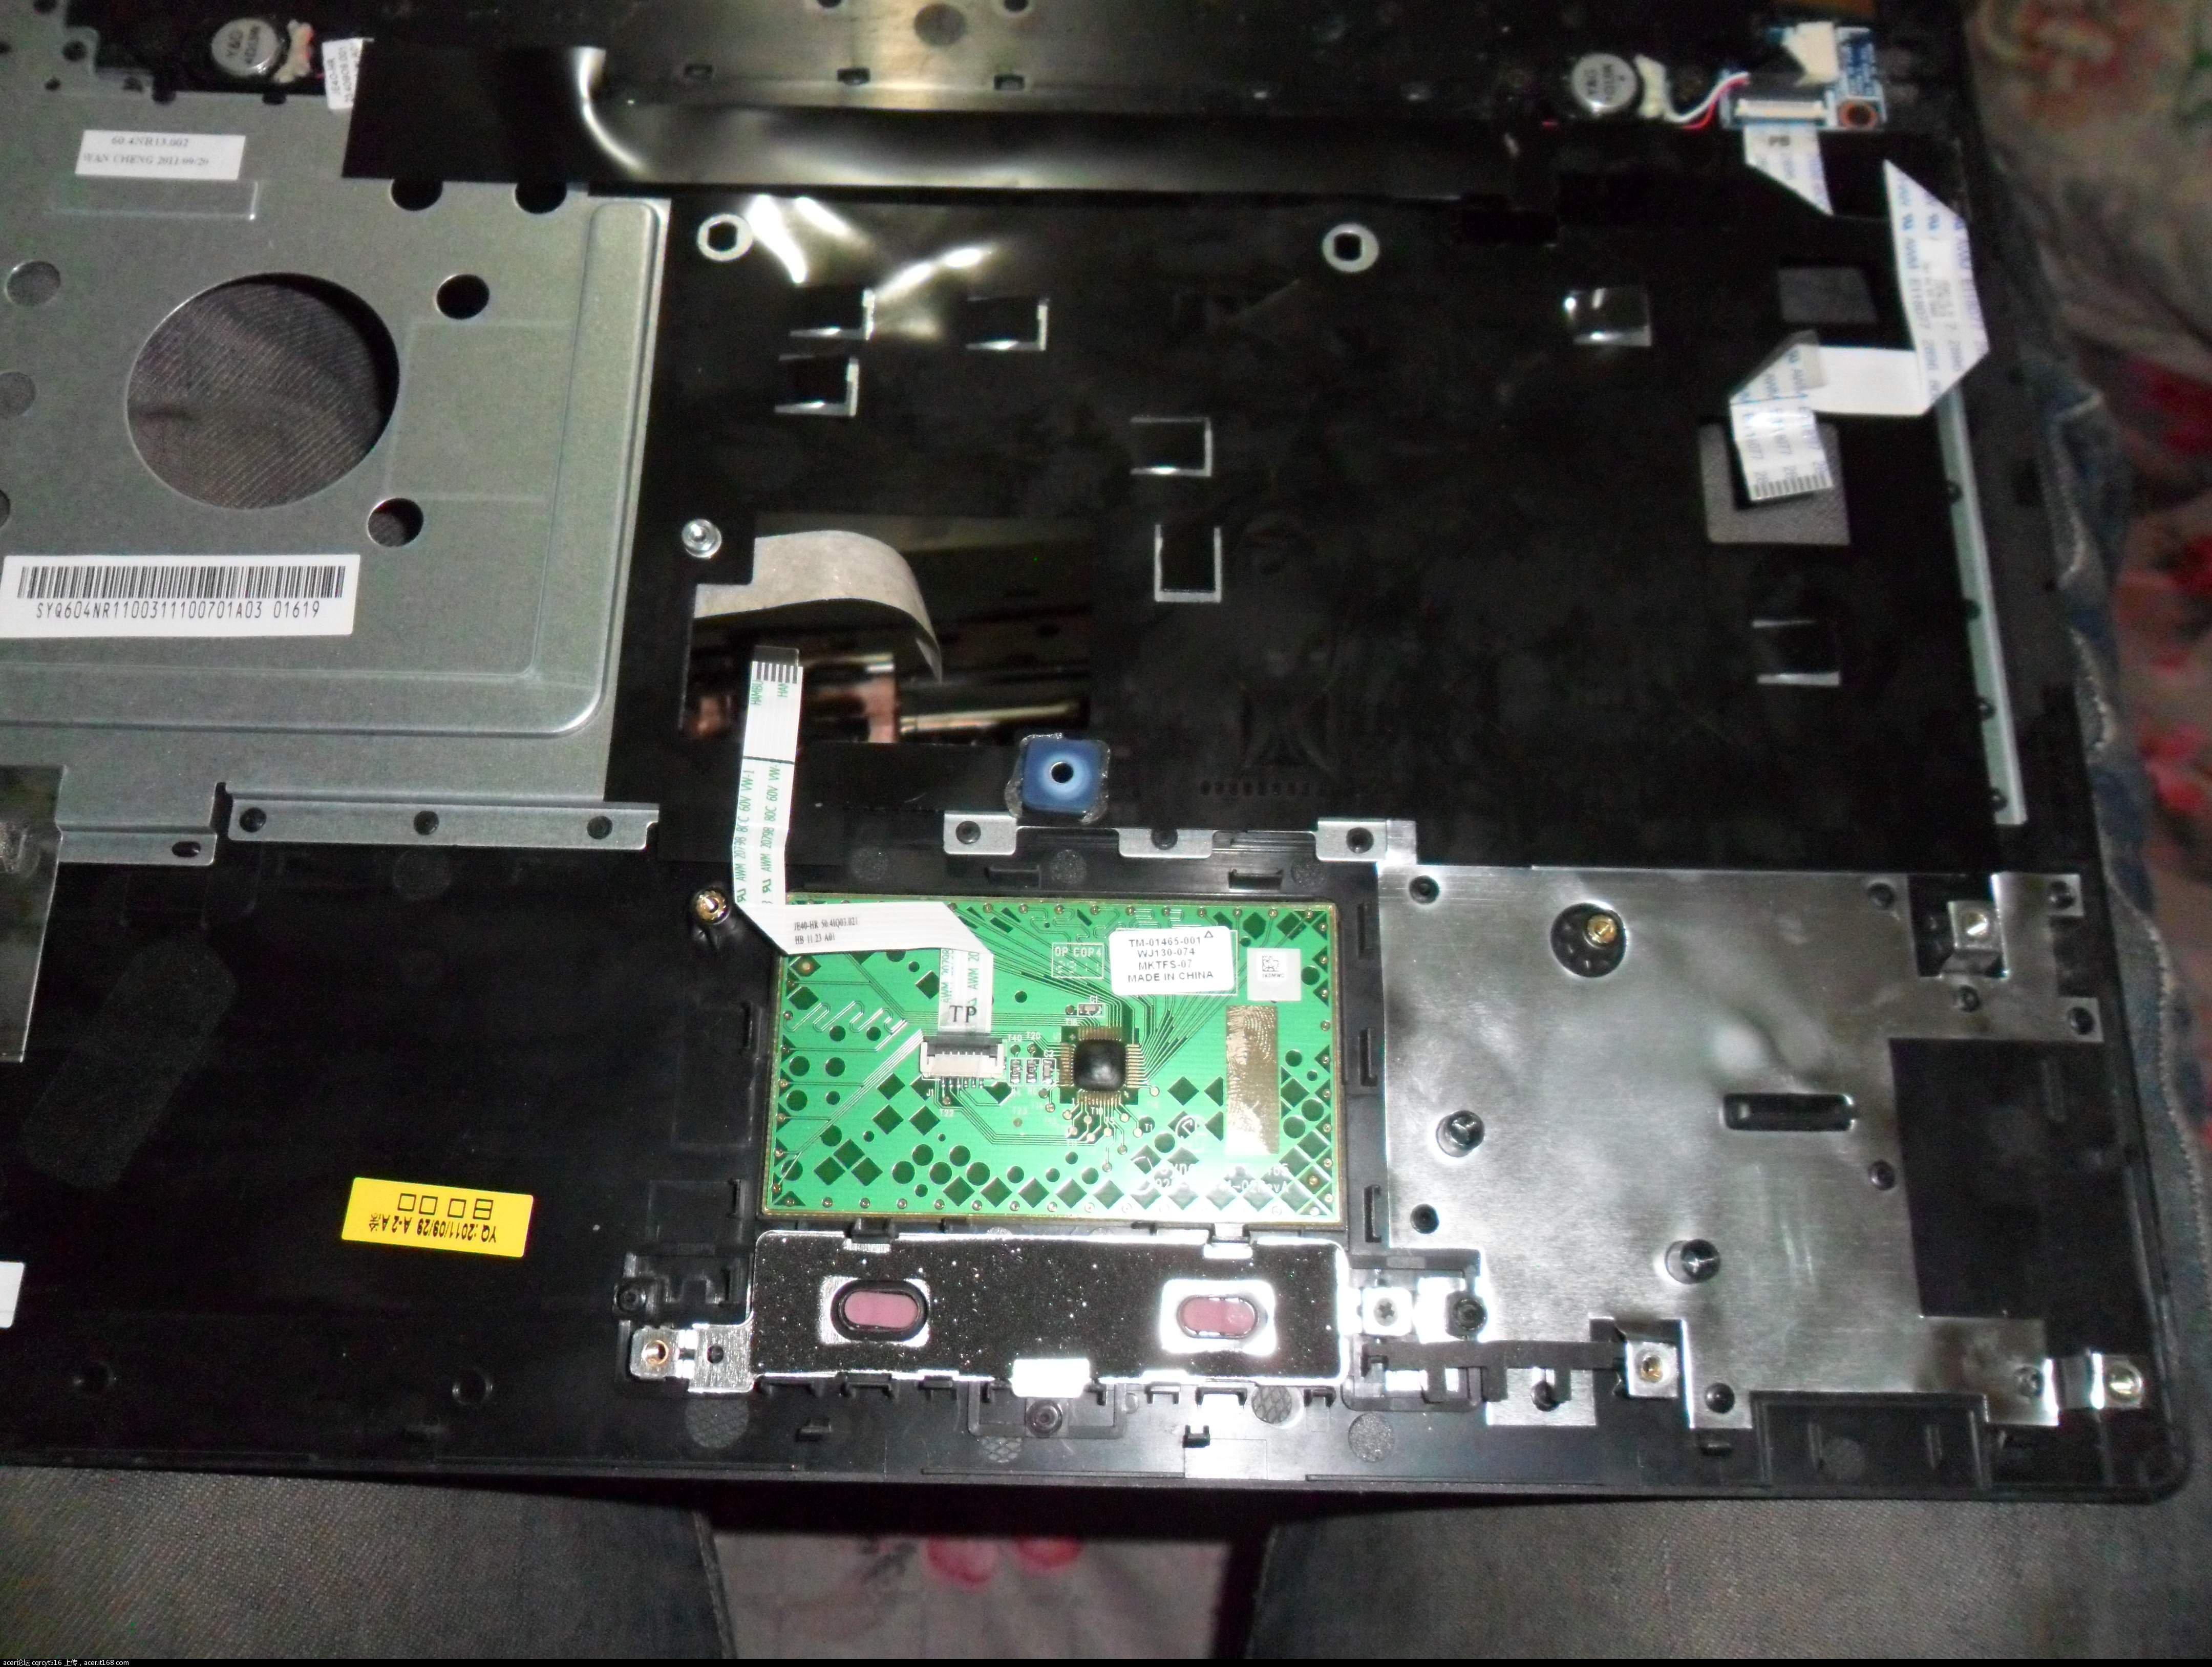 笔记本拆卸-Acer-Aspire-4750G - 烈焰病毒 - 博客园